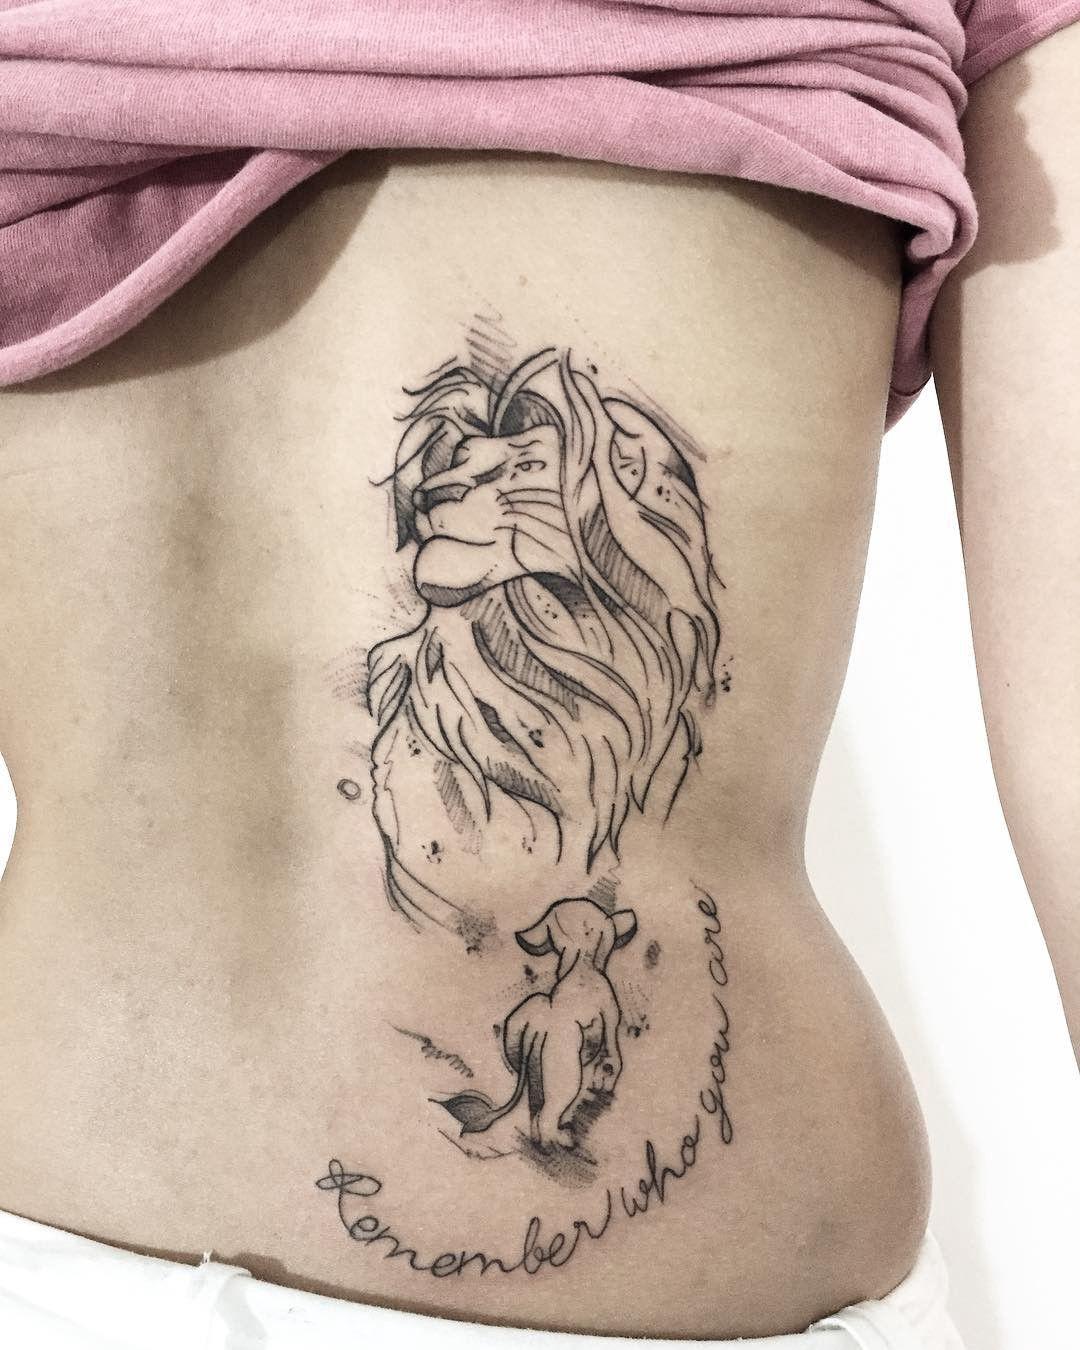 Tatuagens do filme Rei Leão: 19 ideias para se apaixonar - Blog Tattoo2me